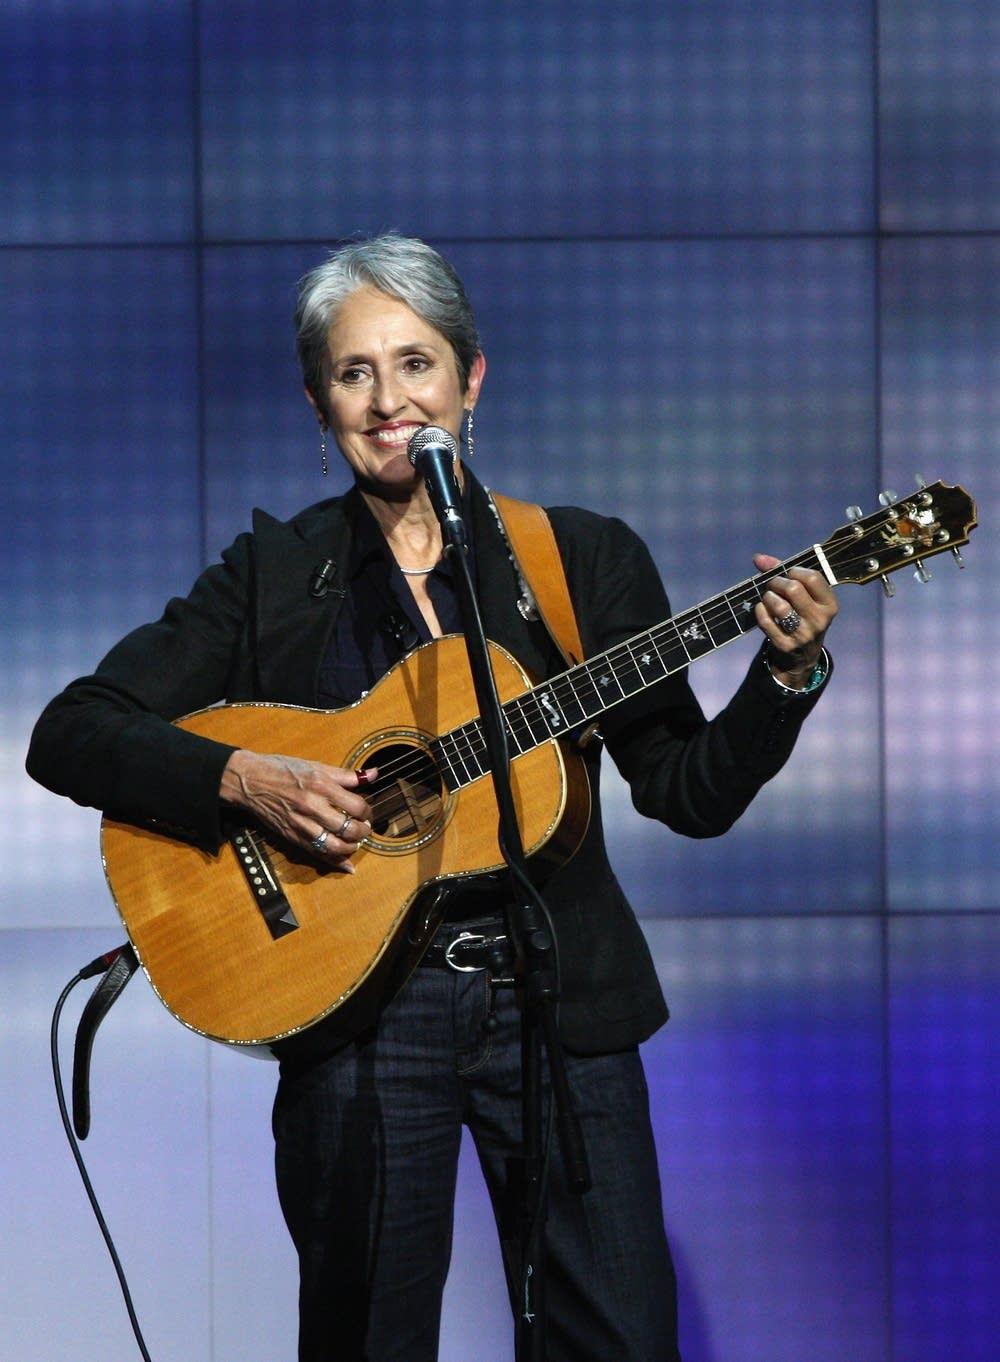 Joan performing